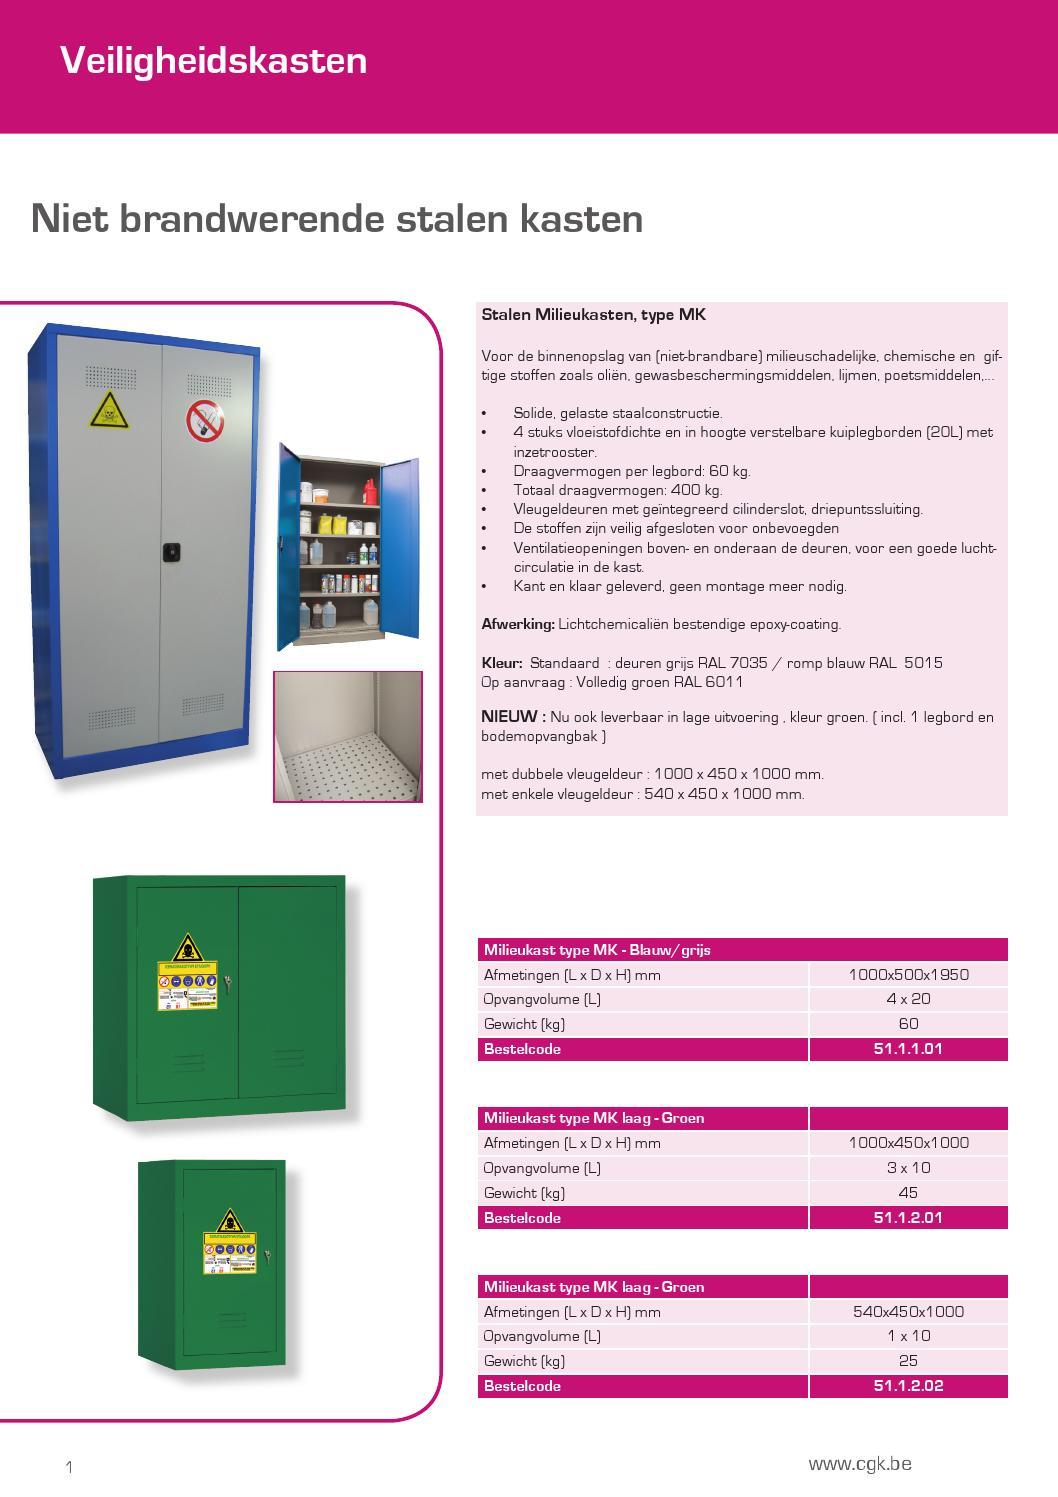 Veiligheidskasten En Zuurkasten By Cgk Group Issuu